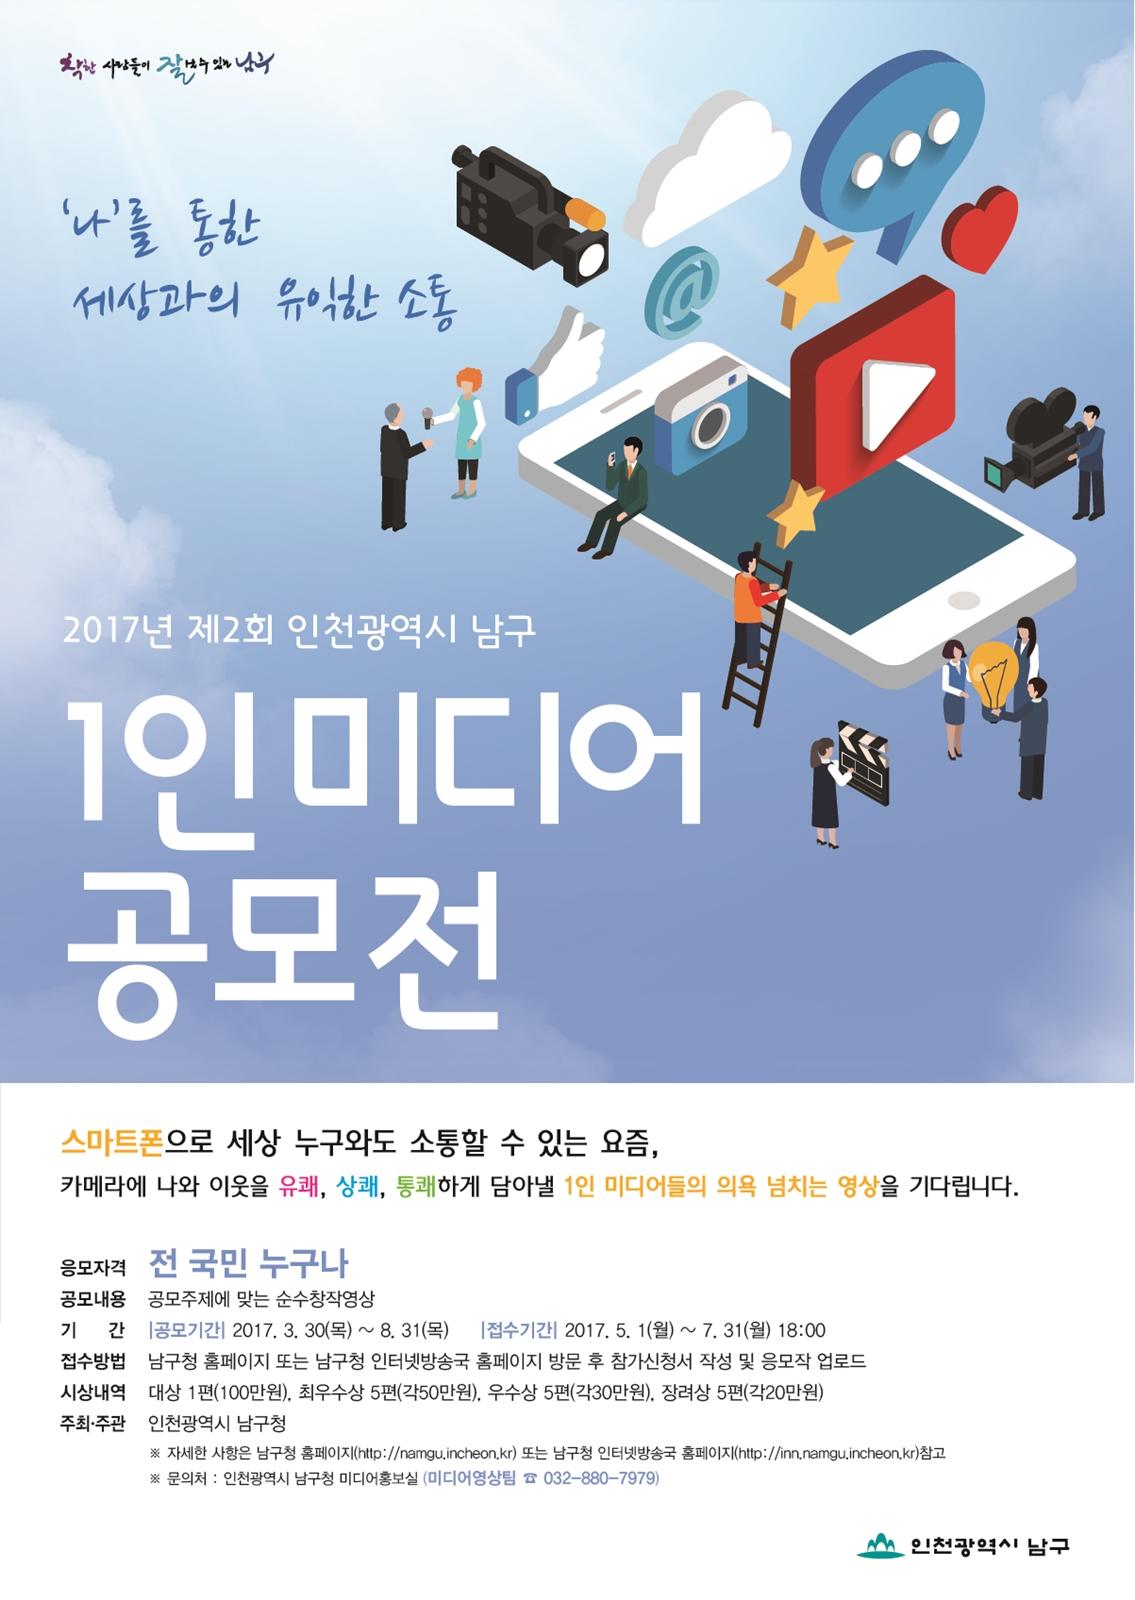 2017년 제2회 인천광역시 남구 『1인 미디어 공모전』 공고